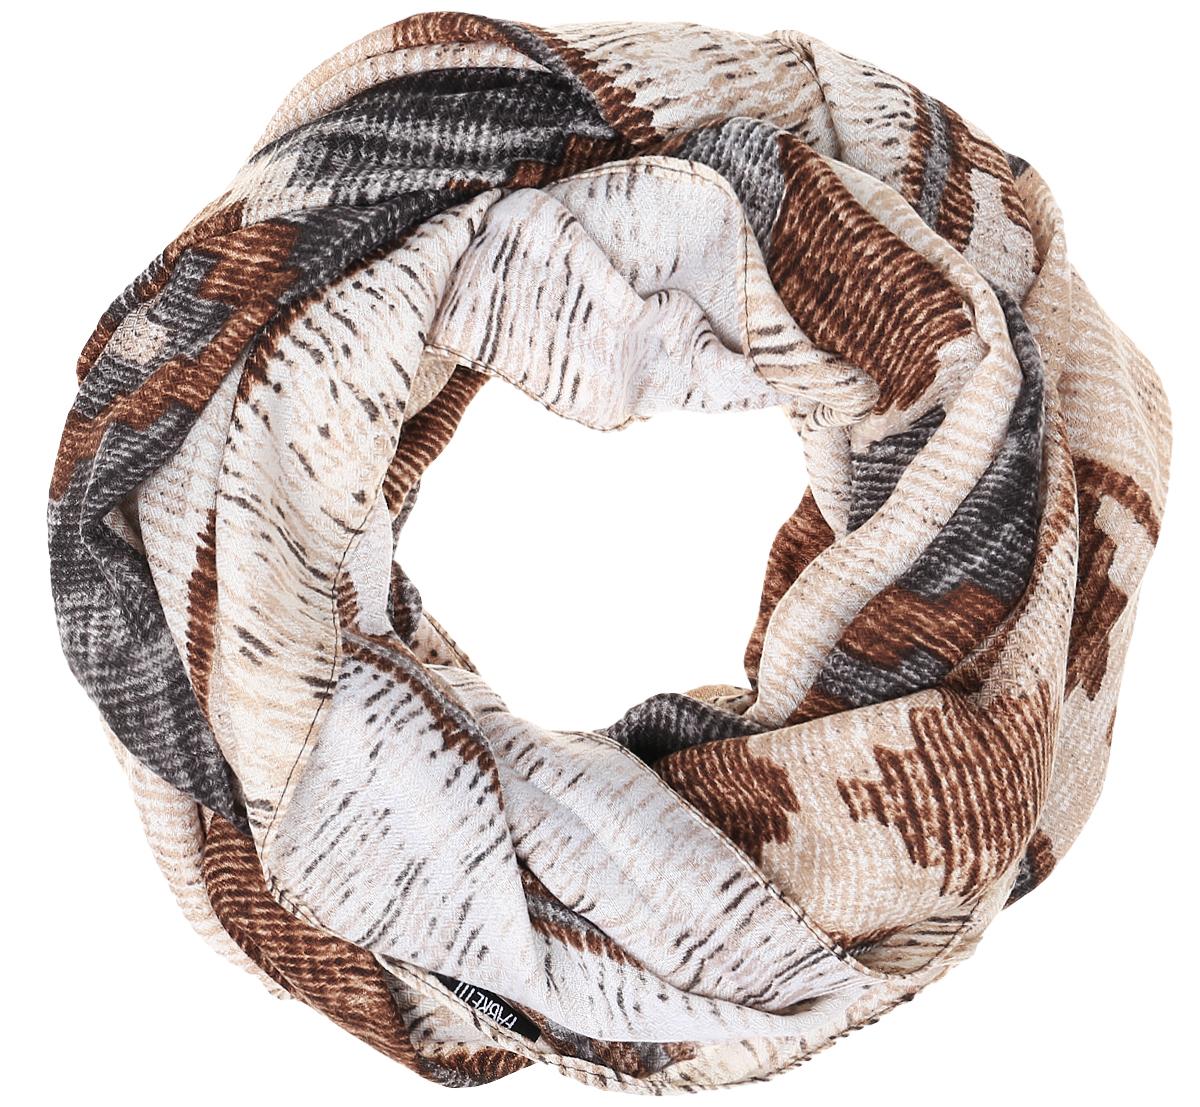 Шарф женский Fabretti, цвет: бежевый, серый, коричневый. TUTF410. Размер 90 см х 180 смTUTF410-3Женский шарф Fabretti подарит уют и согреет от холодного ветра. Изготовленный из высококачественной вискозы, он очень легкий, мягкий, имеет приятную на ощупь текстуру. Модель оформлена орнаментом. Изделие по краям дополнено кисточками. Такой аксессуар станет стильным дополнением к образу современной женщины, стремящейся всегда оставаться яркой и элегантной.